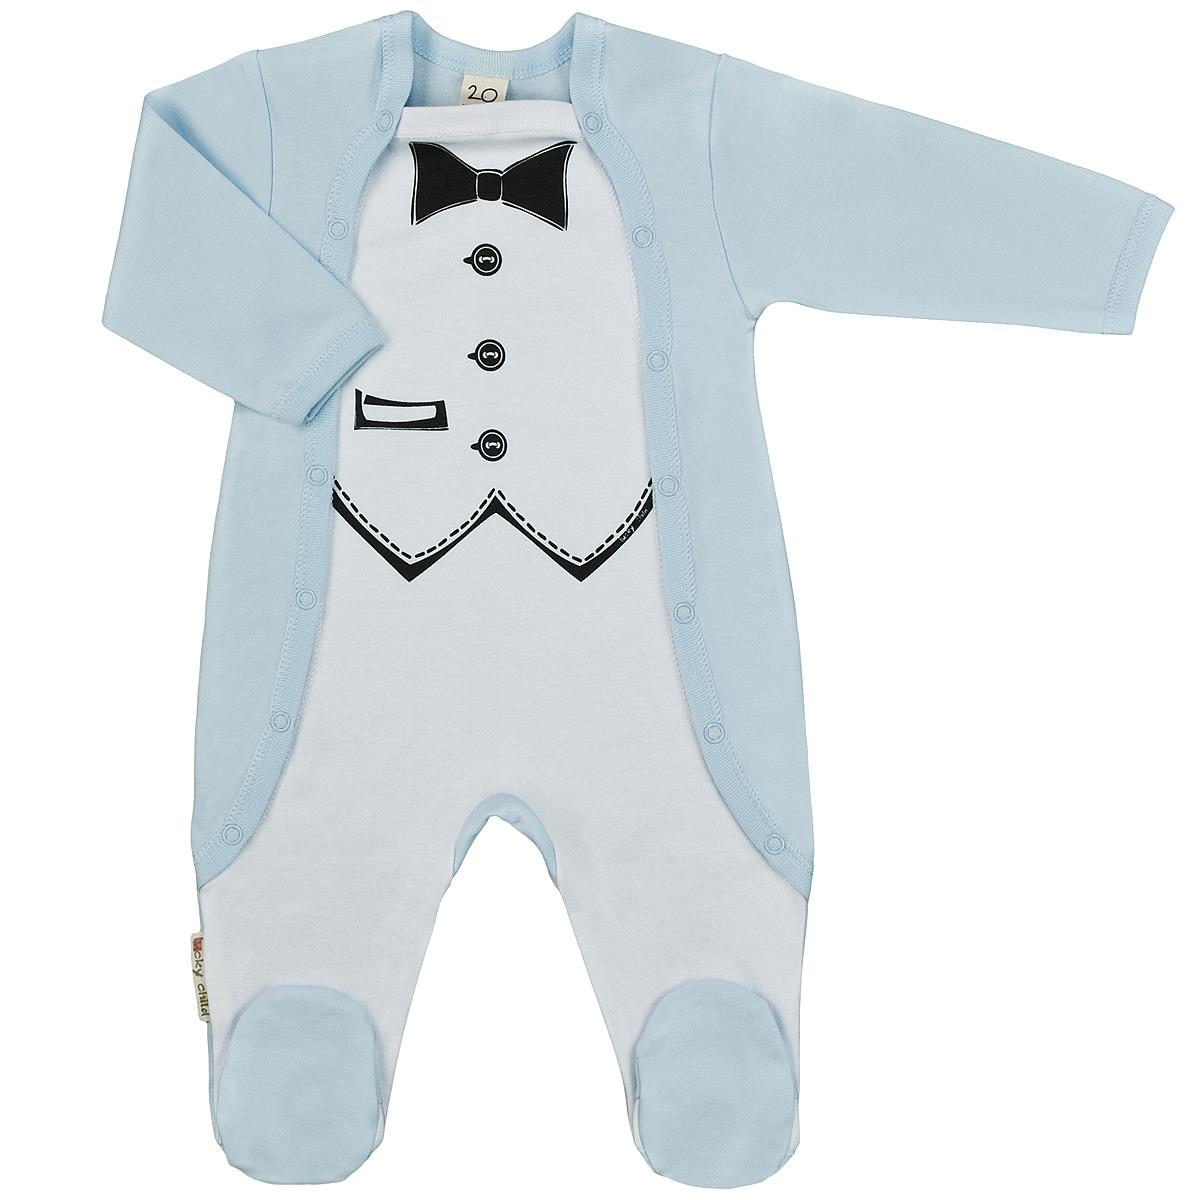 Комбинезон для мальчика Lucky Child, цвет: голубой, белый. 3-22. Размер 56/623-22Детский комбинезон для мальчика Lucky Child - очень удобный и практичный вид одежды для малышей. Комбинезон выполнен из интерлока - натурального хлопка, благодаря чему он необычайно мягкий и приятный на ощупь, не раздражают нежную кожу ребенка и хорошо вентилируются, а эластичные швы приятны телу малыша и не препятствуют его движениям. Комбинезон с длинными рукавами и закрытыми ножками имеет застежки-кнопки по бокам от горловины до щиколоток, которые помогают легко переодеть младенца или сменить подгузник. Спереди он оформлен оригинальным принтом, имитирующим фрак с бабочкой. С детским комбинезоном Lucky Child спинка и ножки вашего малыша всегда будут в тепле, он идеален для использования днем и незаменим ночью. Комбинезон полностью соответствует особенностям жизни младенца в ранний период, не стесняя и не ограничивая его в движениях!